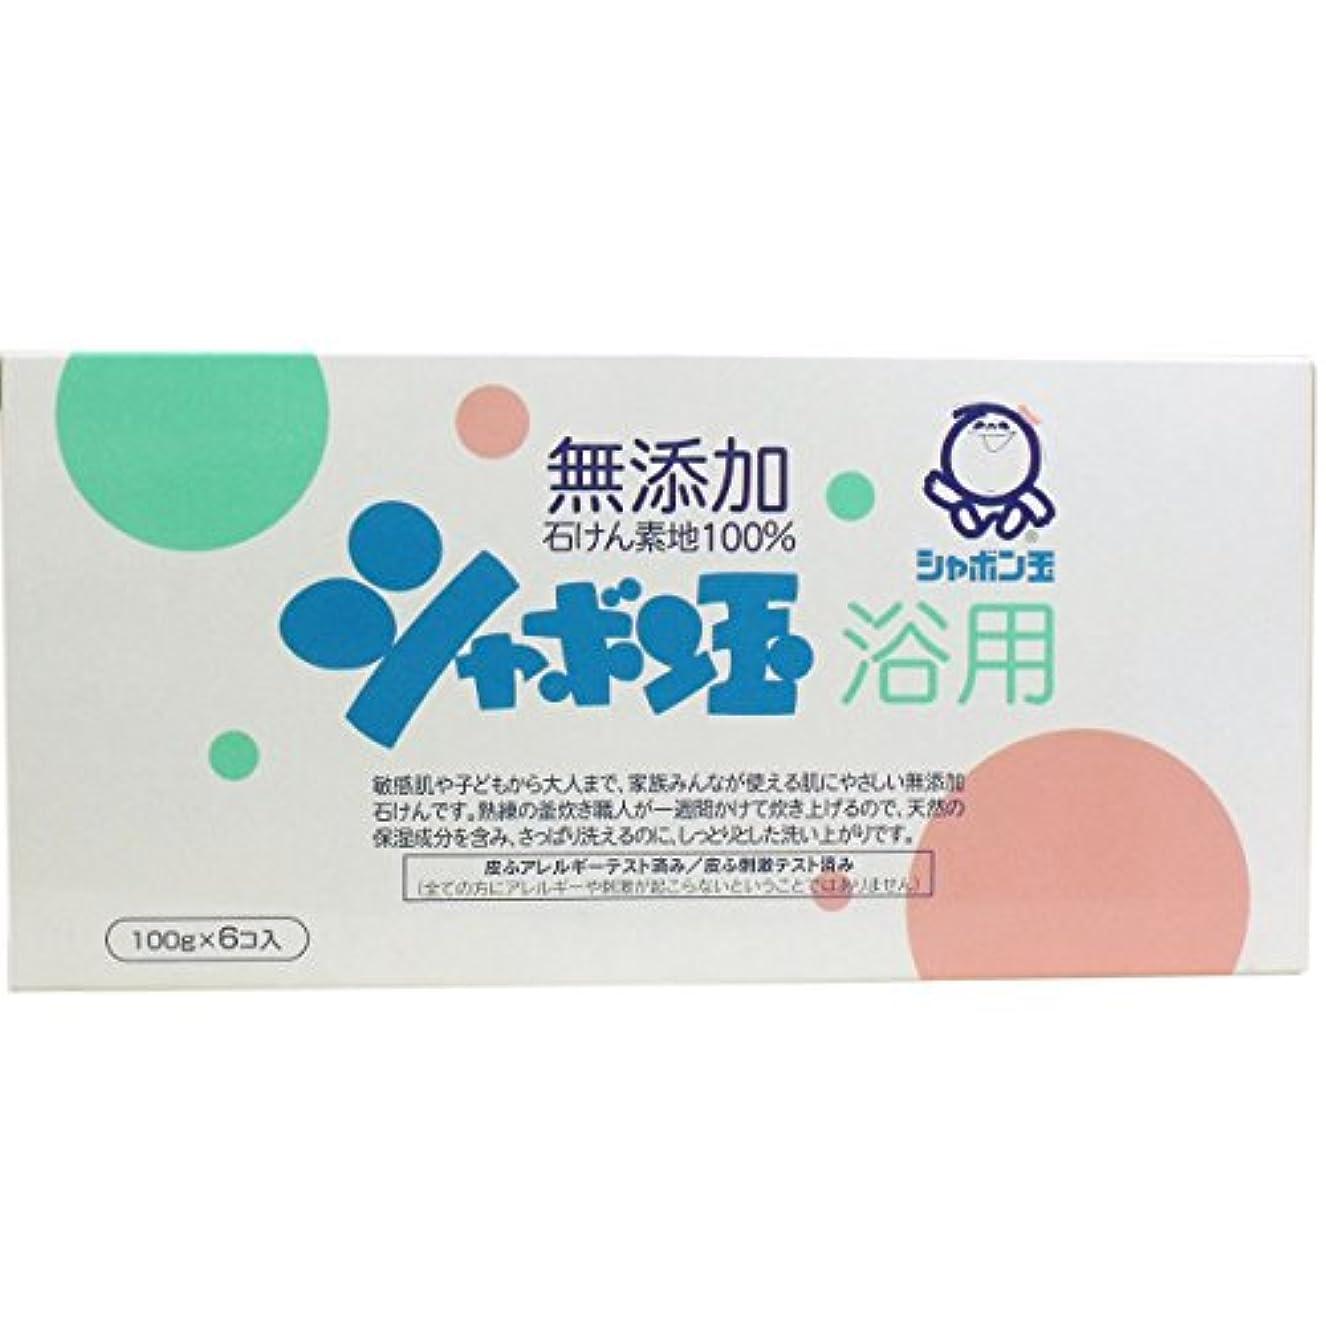 ホバートカスタム良性【セット品】化粧石けんシャボン玉浴用 6P 100G×3セット